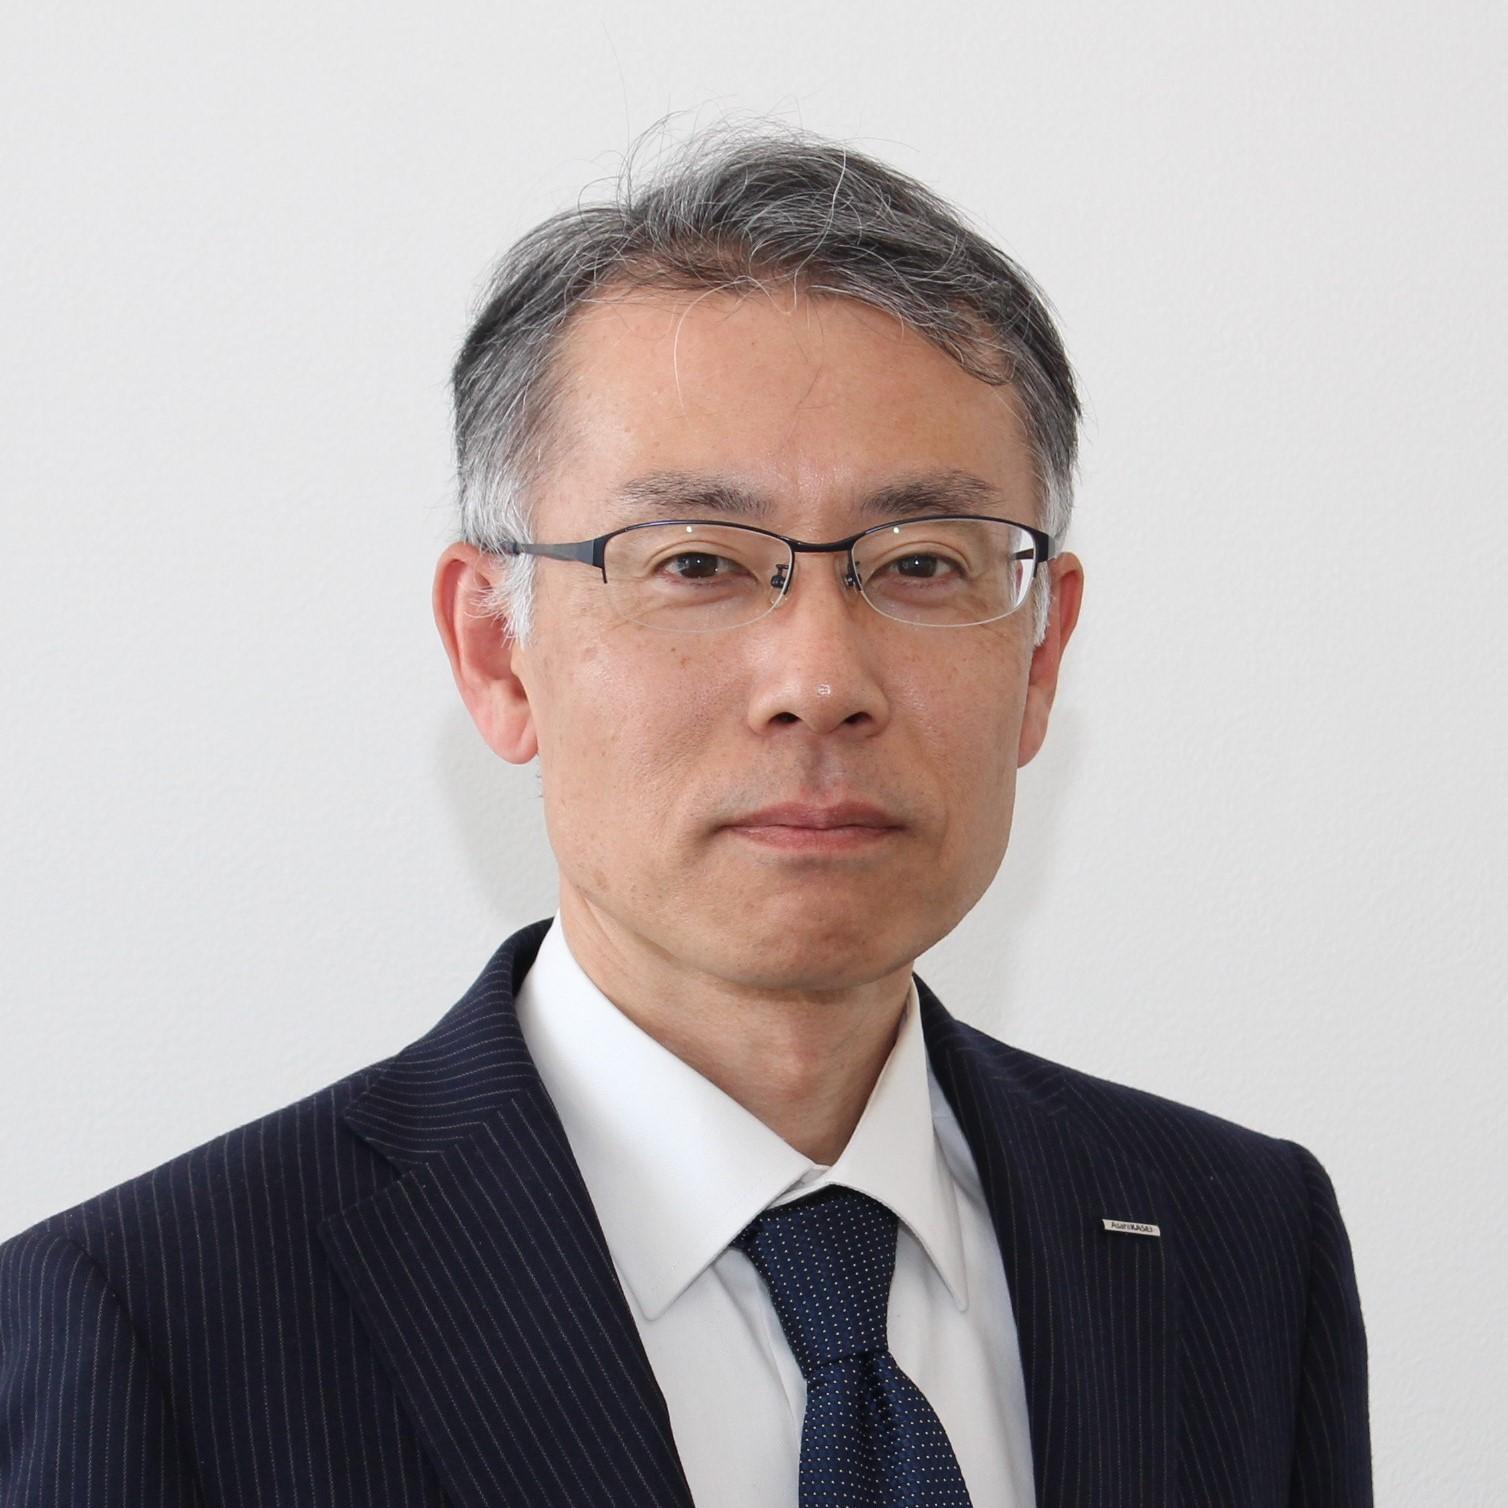 Tatsuhiko Tokunaga